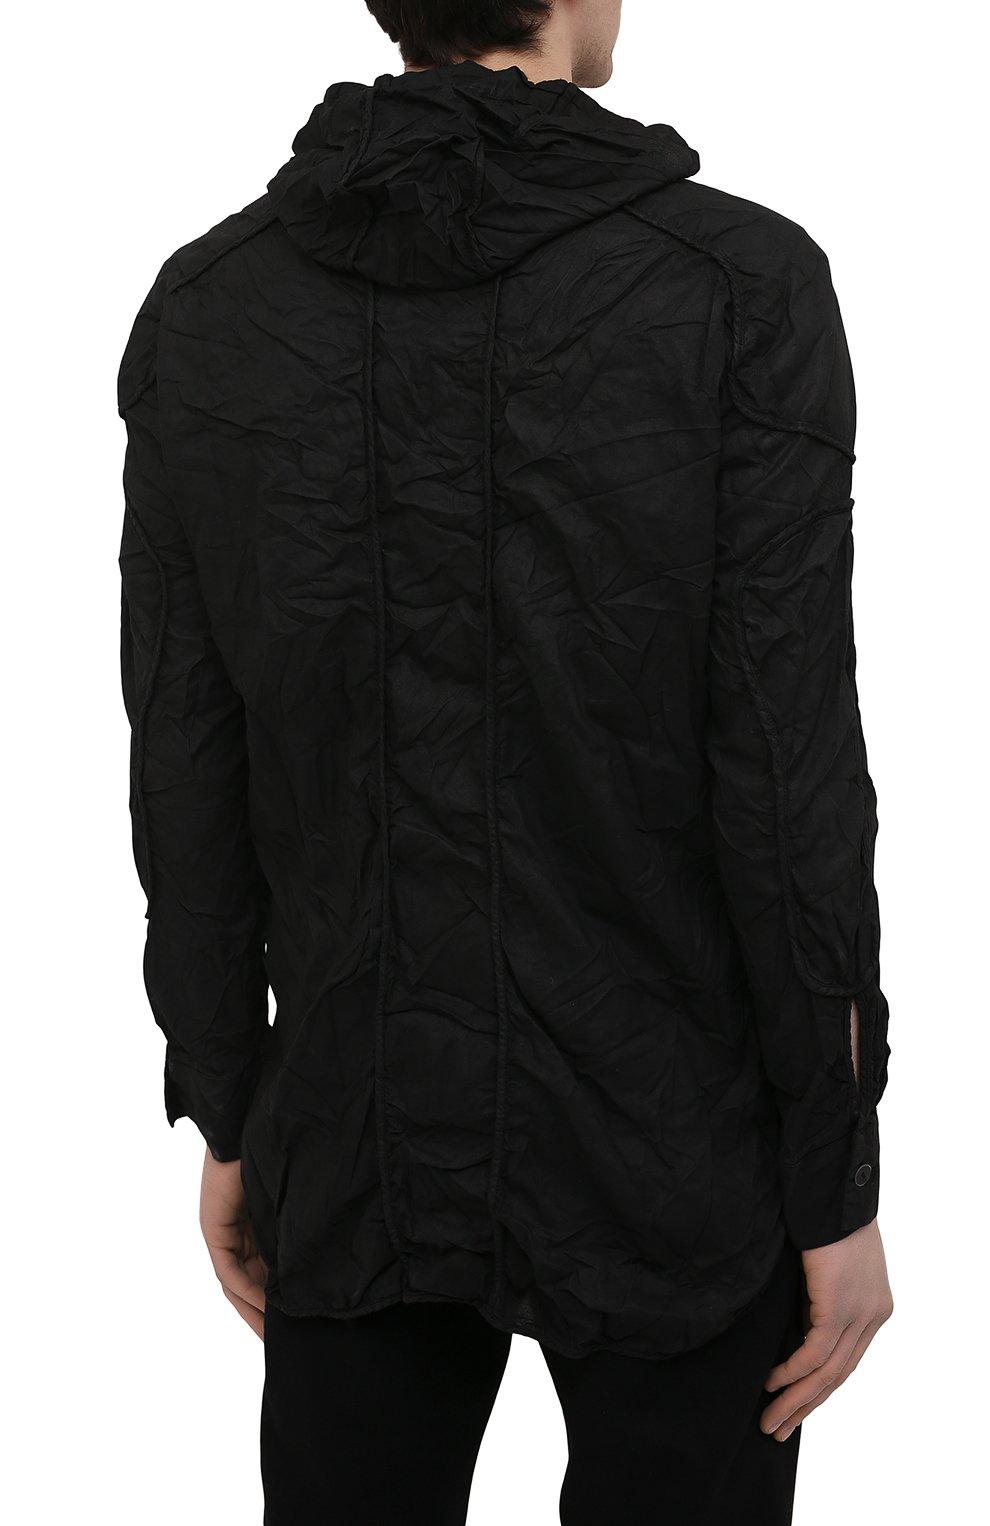 Мужская хлопковая рубашка MASNADA черного цвета, арт. M2661 | Фото 4 (Манжеты: На пуговицах; Воротник: С капюшоном; Рукава: Длинные; Случай: Повседневный; Стили: Панк; Длина (для топов): Стандартные; Материал внешний: Хлопок; Принт: Однотонные)